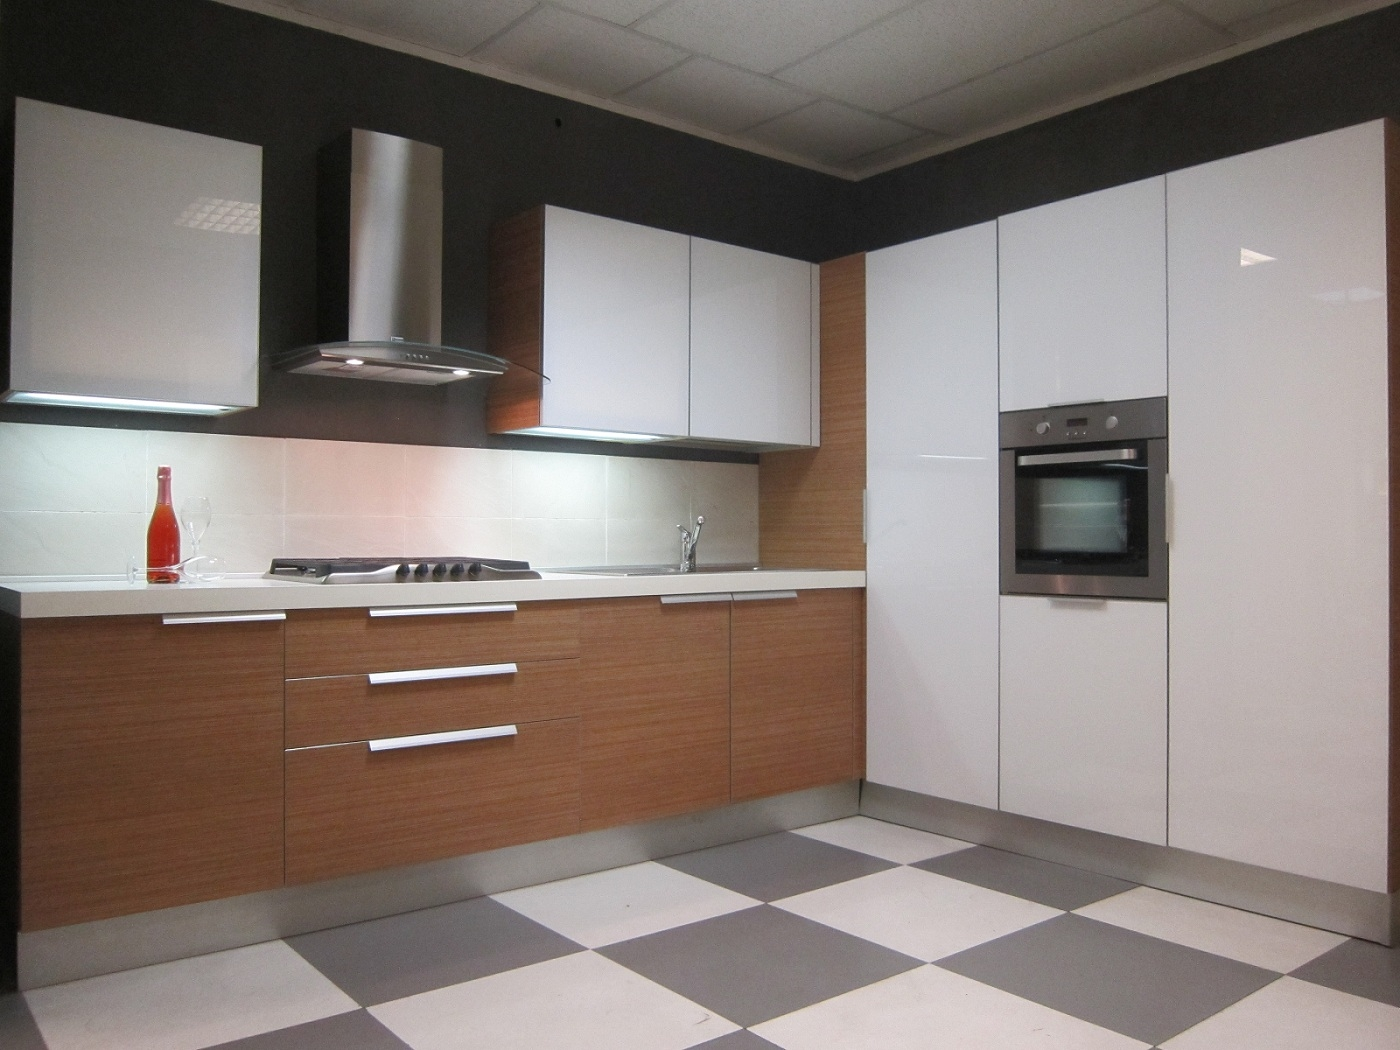 Cesar cucine cucina aria luce teack e bianco moderna vetro bianca cucine a prezzi scontati - Presa d aria cucina ...